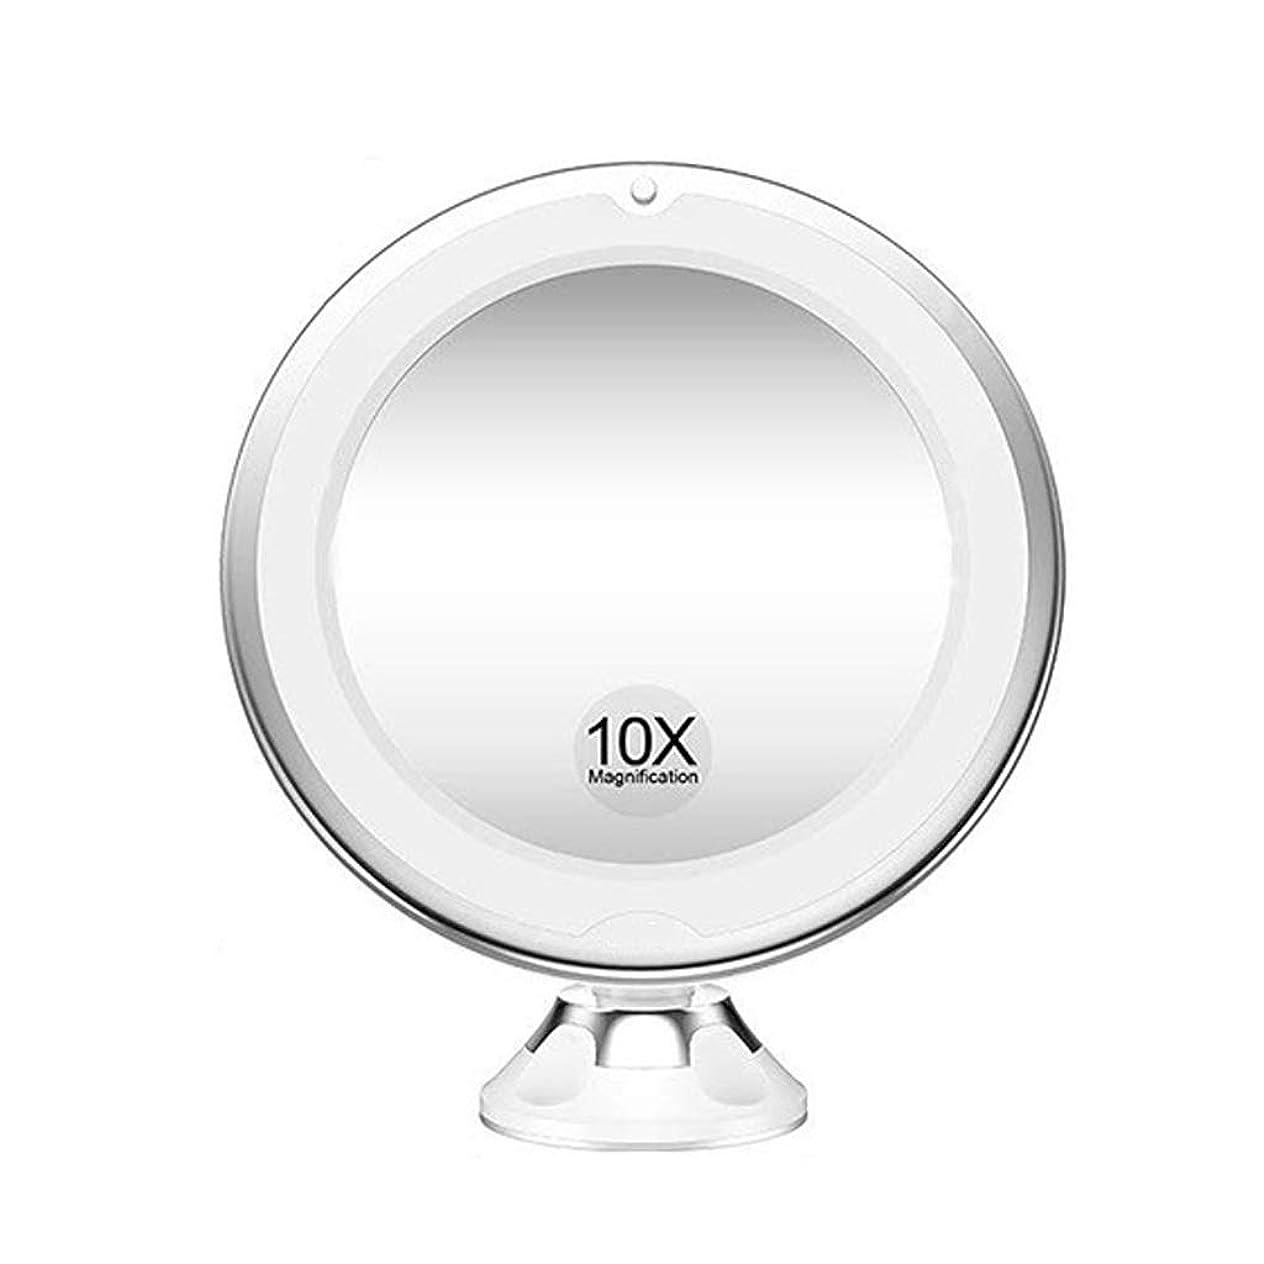 溶ける枝モデレータCYJHZJ 化粧鏡の光で10倍、ライトアップ拡大鏡バニティ化粧鏡のホーム卓上浴室のシャワーの旅360度回転の強力なサクションカップ H4Z0J9